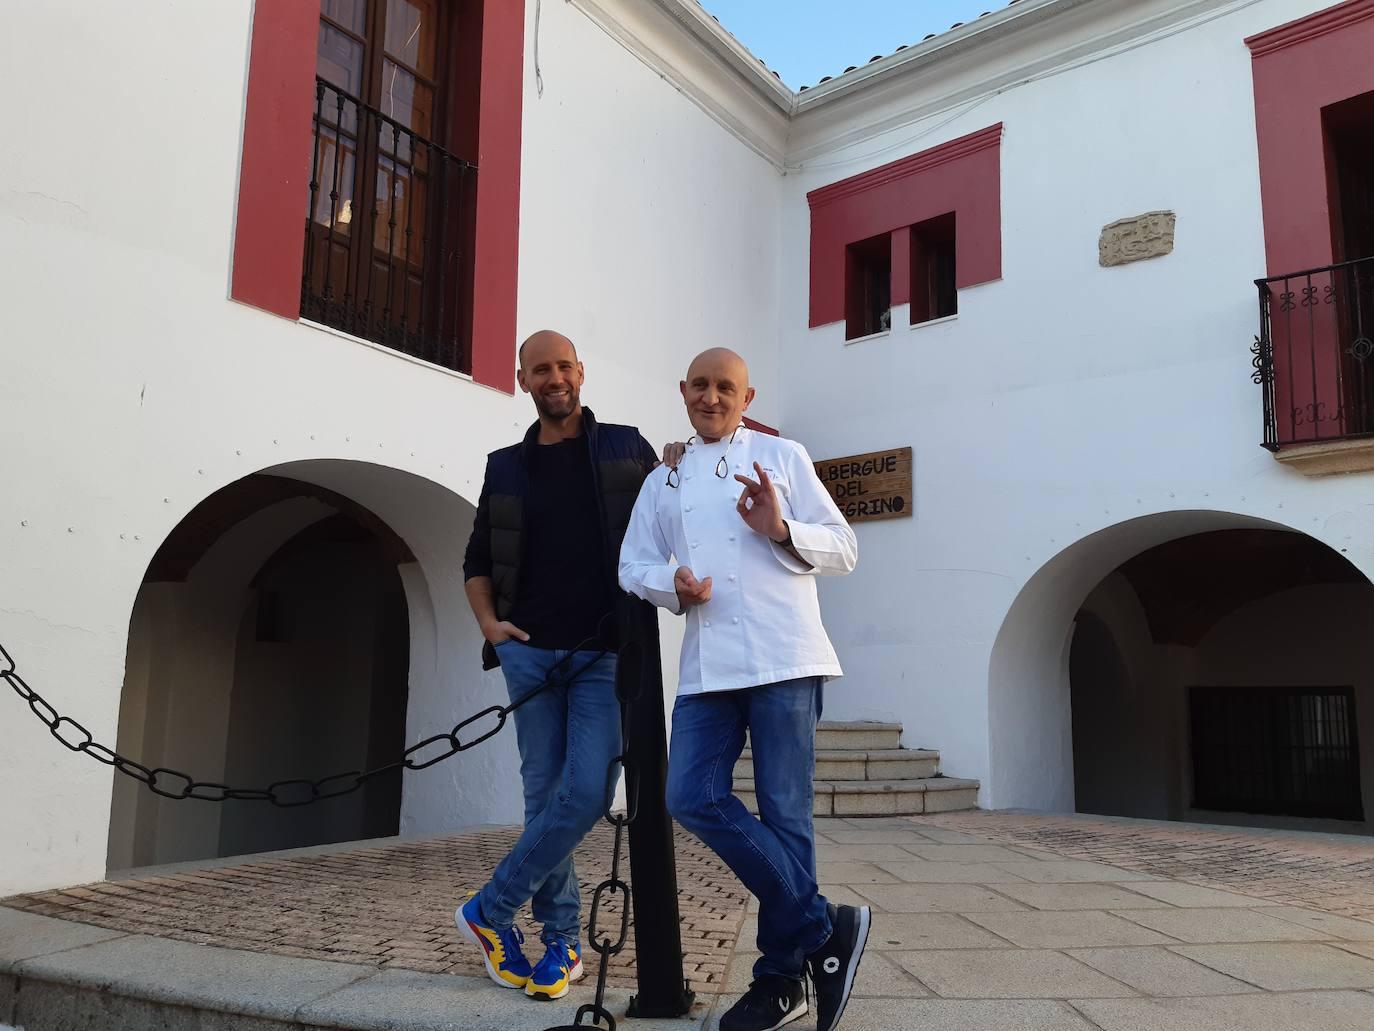 El presentador Gonzalo Miró y el chef Toño Pérez graban un anuncio en la plaza del Ayuntamiento